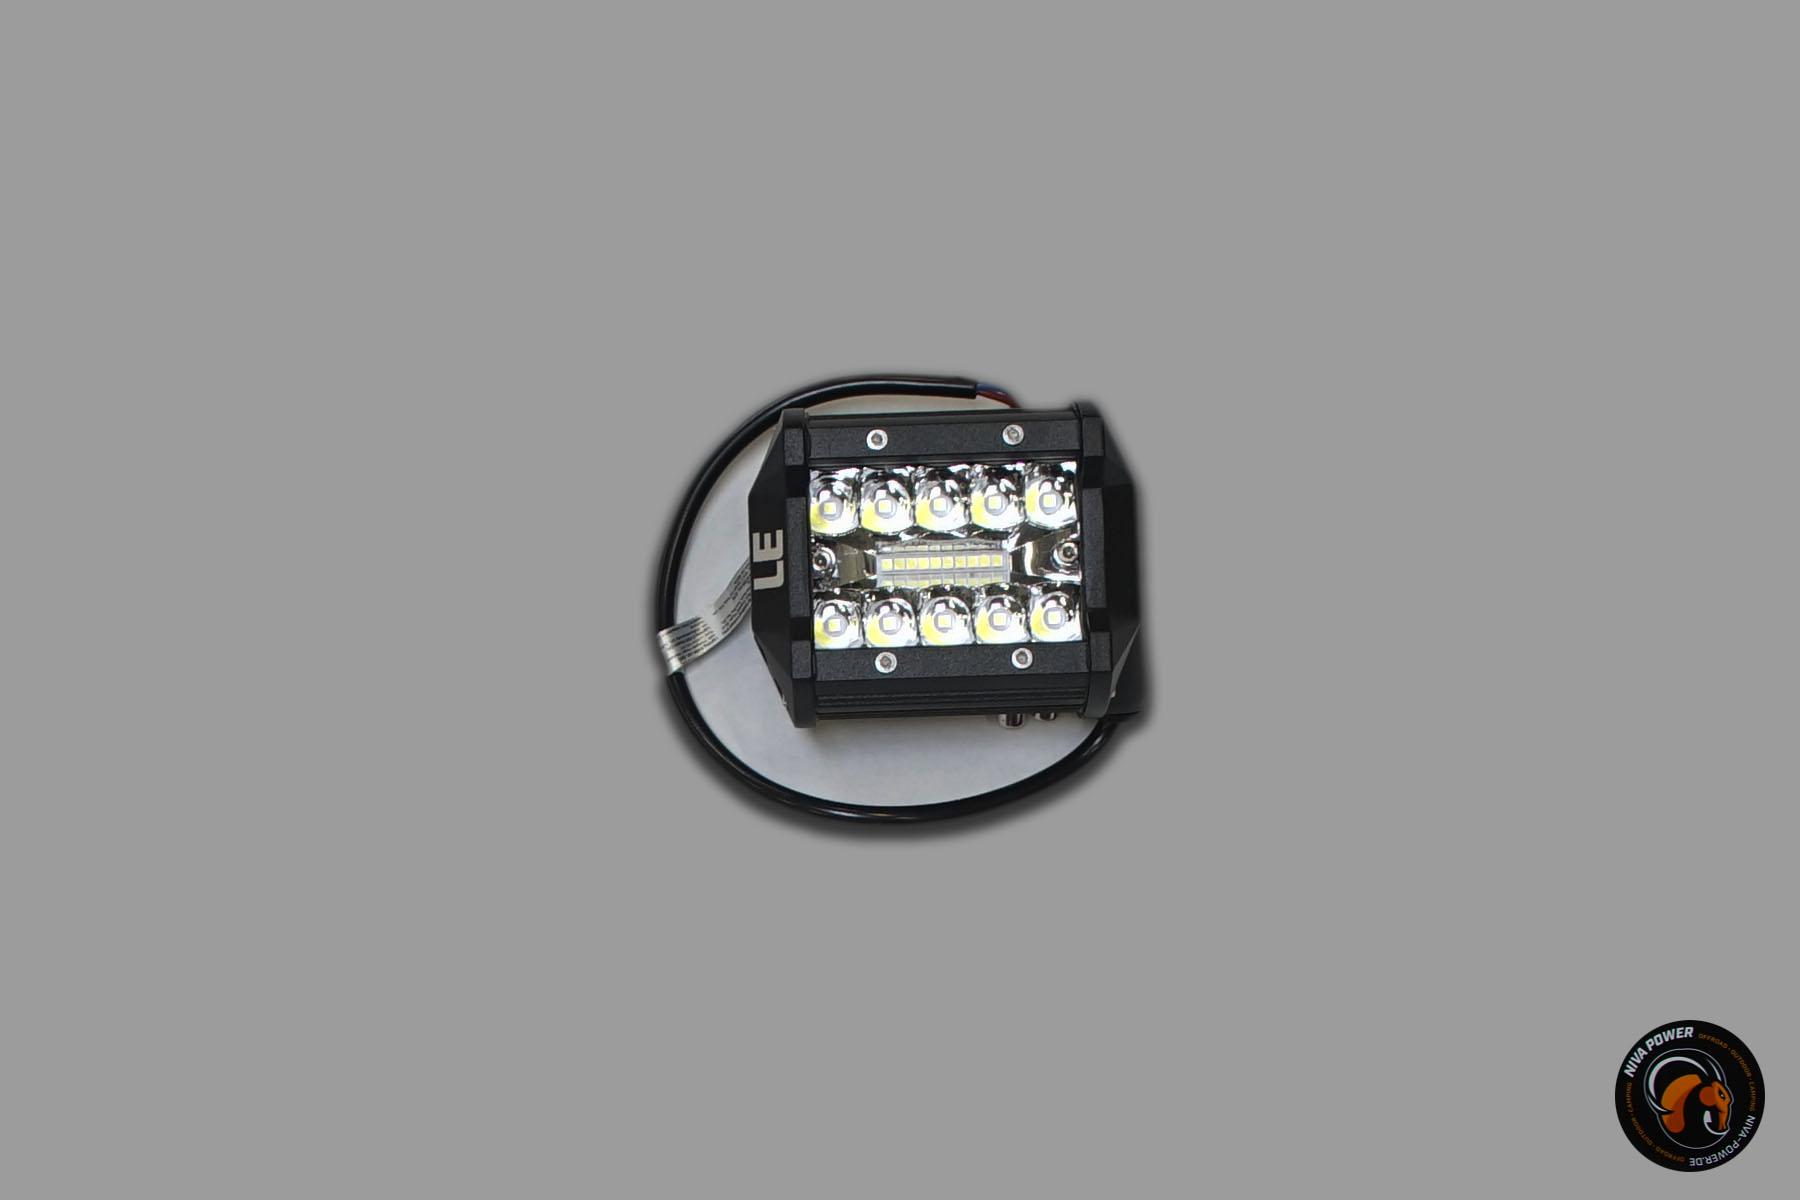 LED-Arbeitsbeleuchtung-Niva